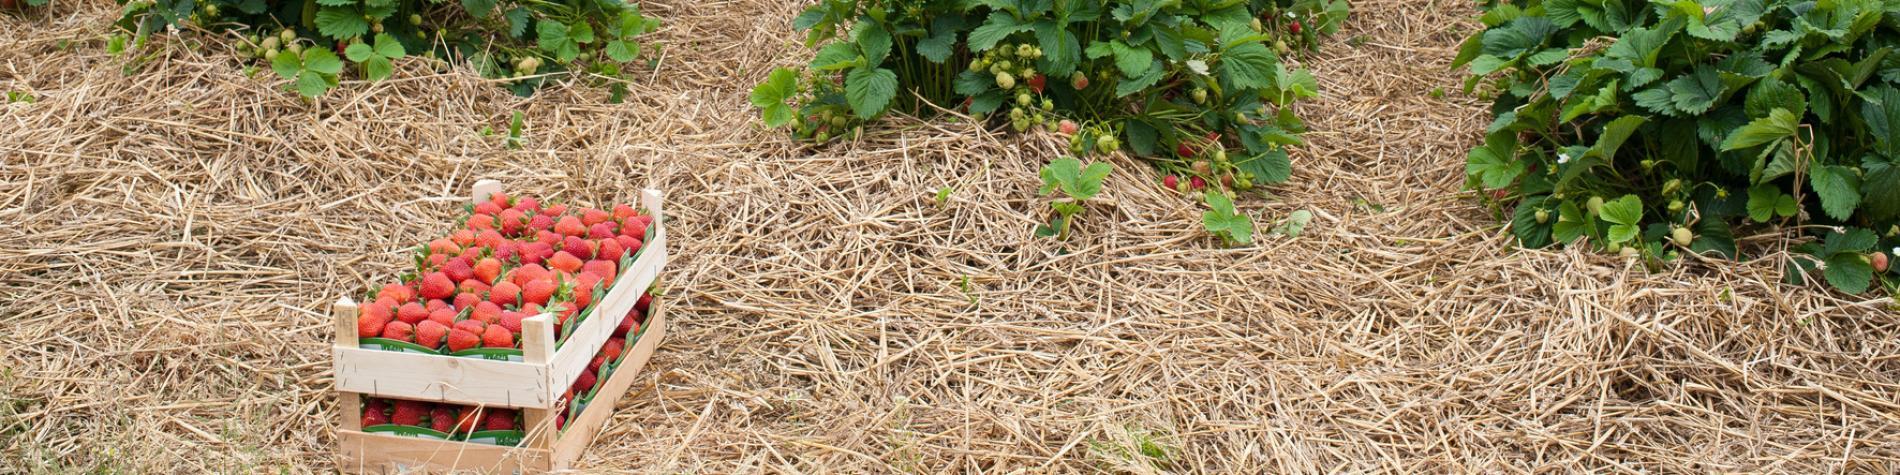 Découvrez les fraises de Wépion, dans la province de Namur